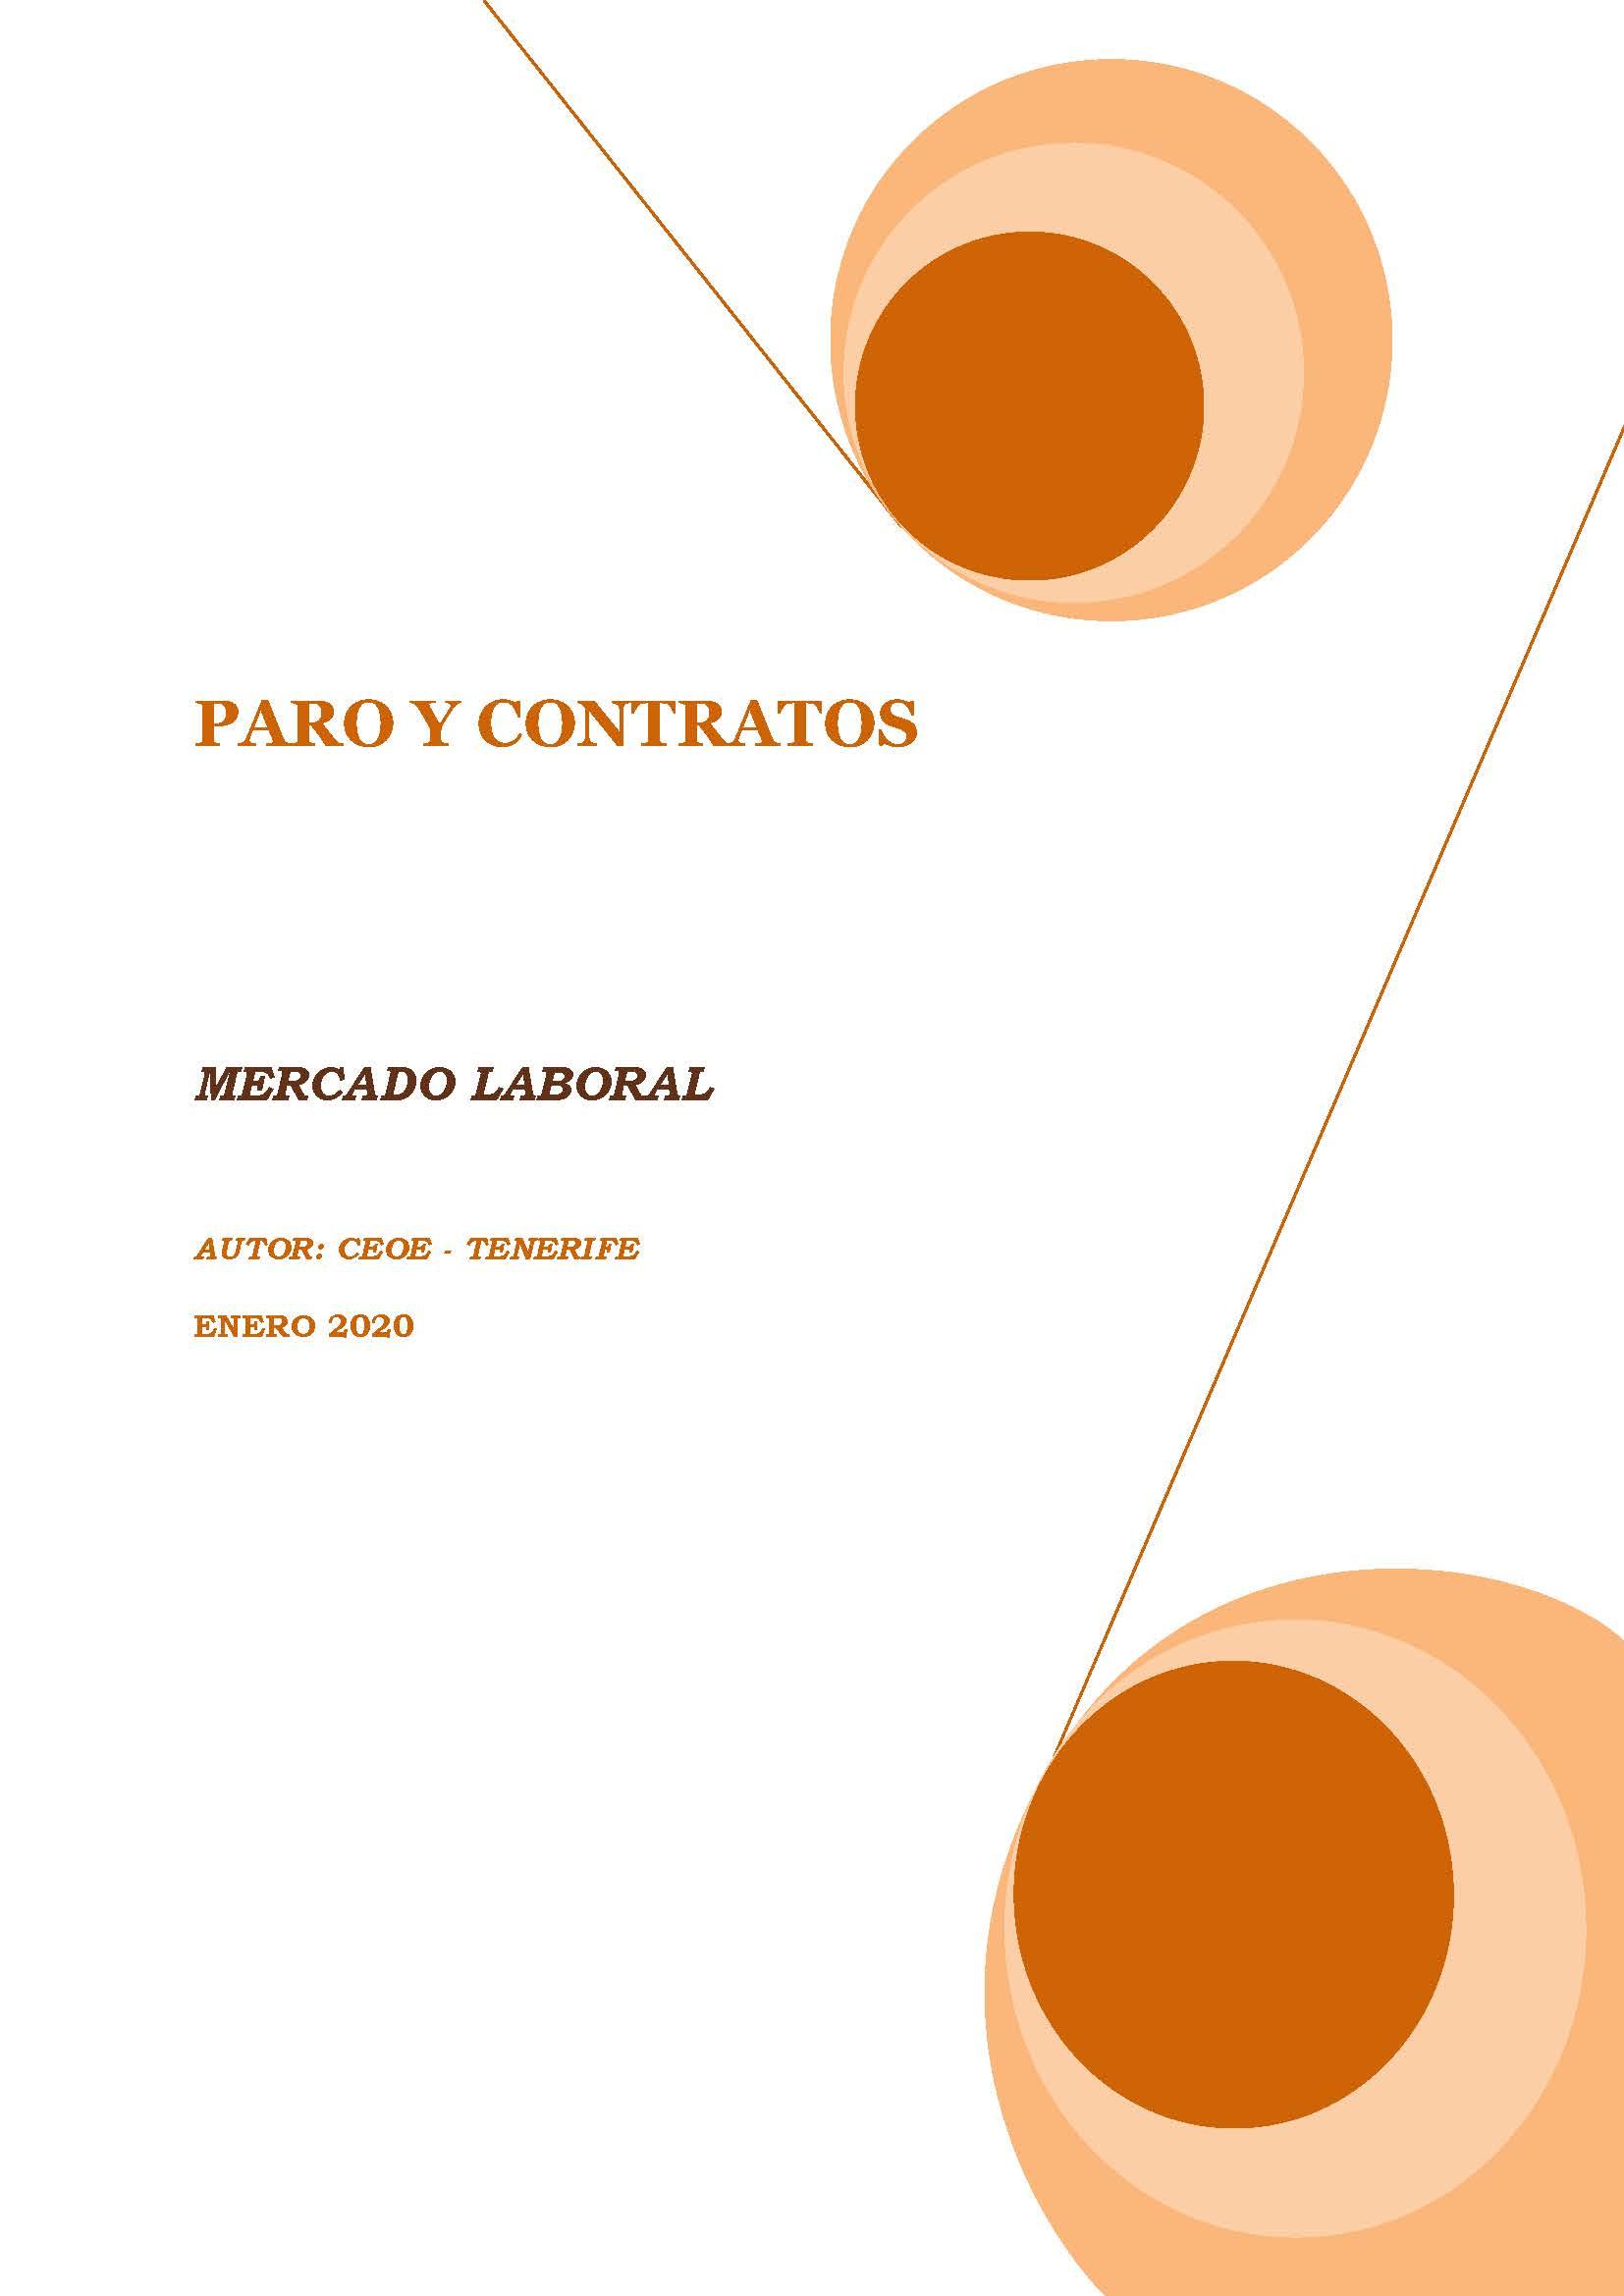 MERCADO LABORAL - PARO Y CONTRATOS ENERO 2020